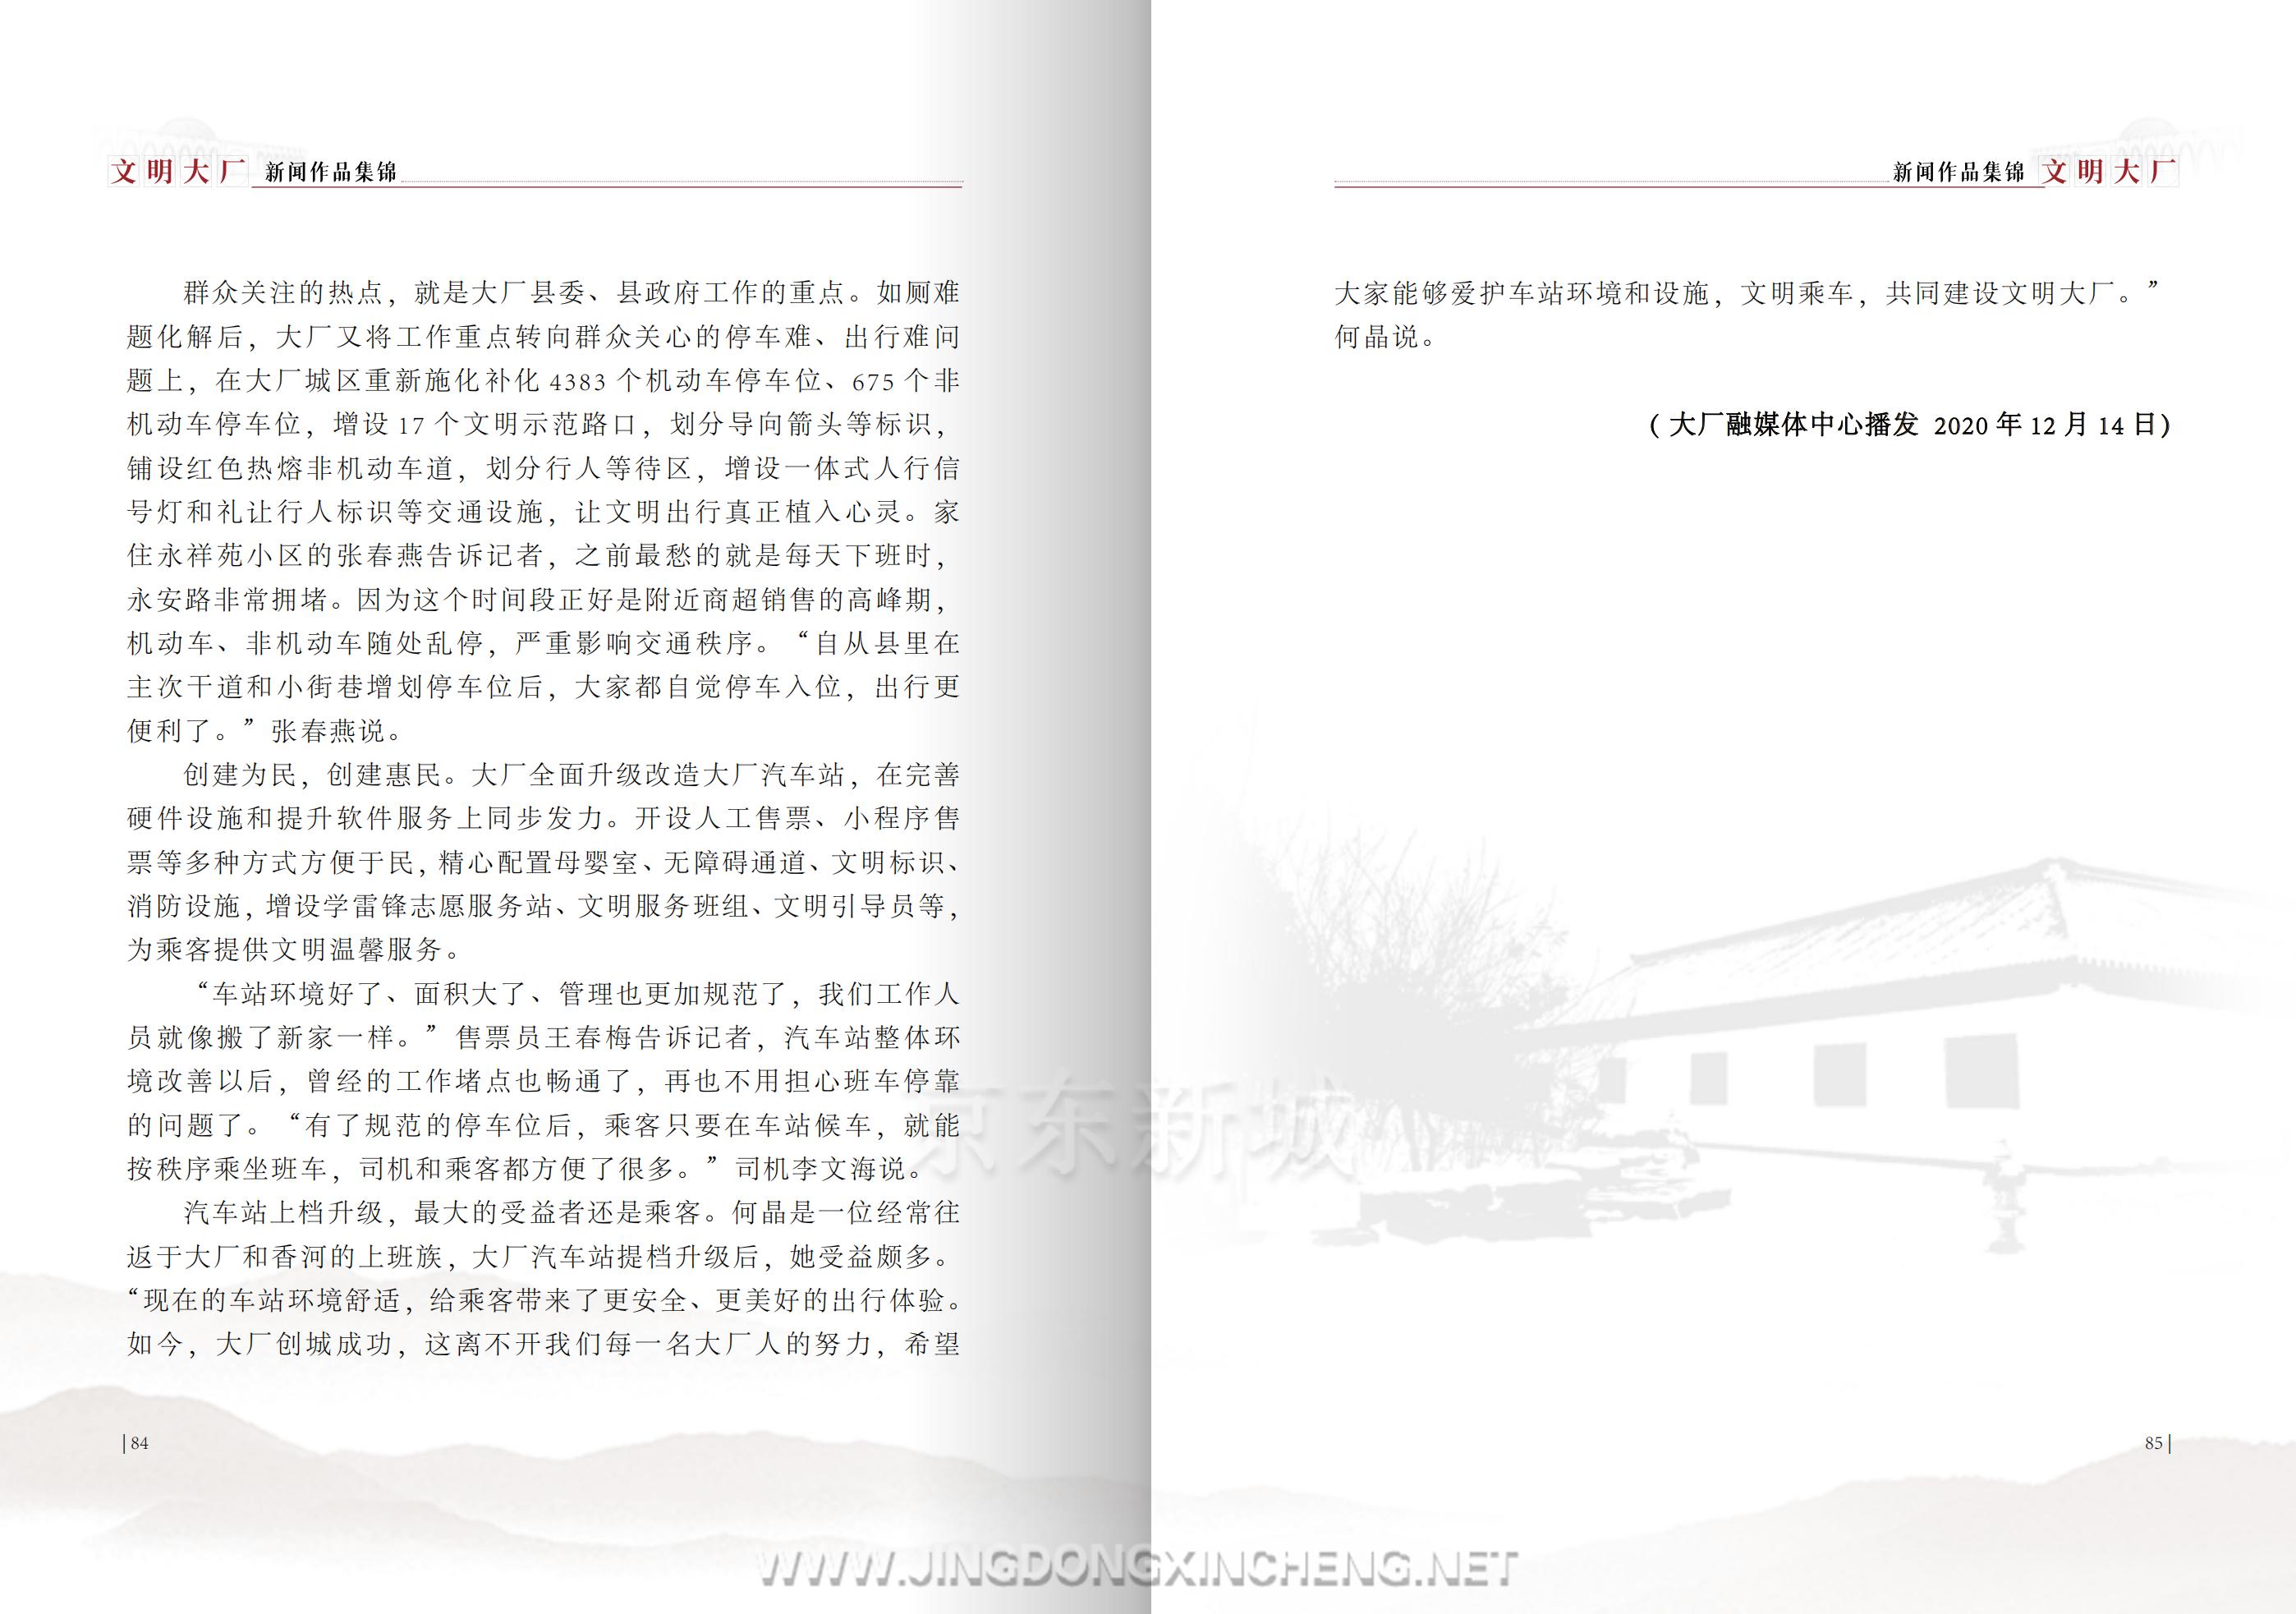 文明大厂书籍-定稿-上传版_46.png